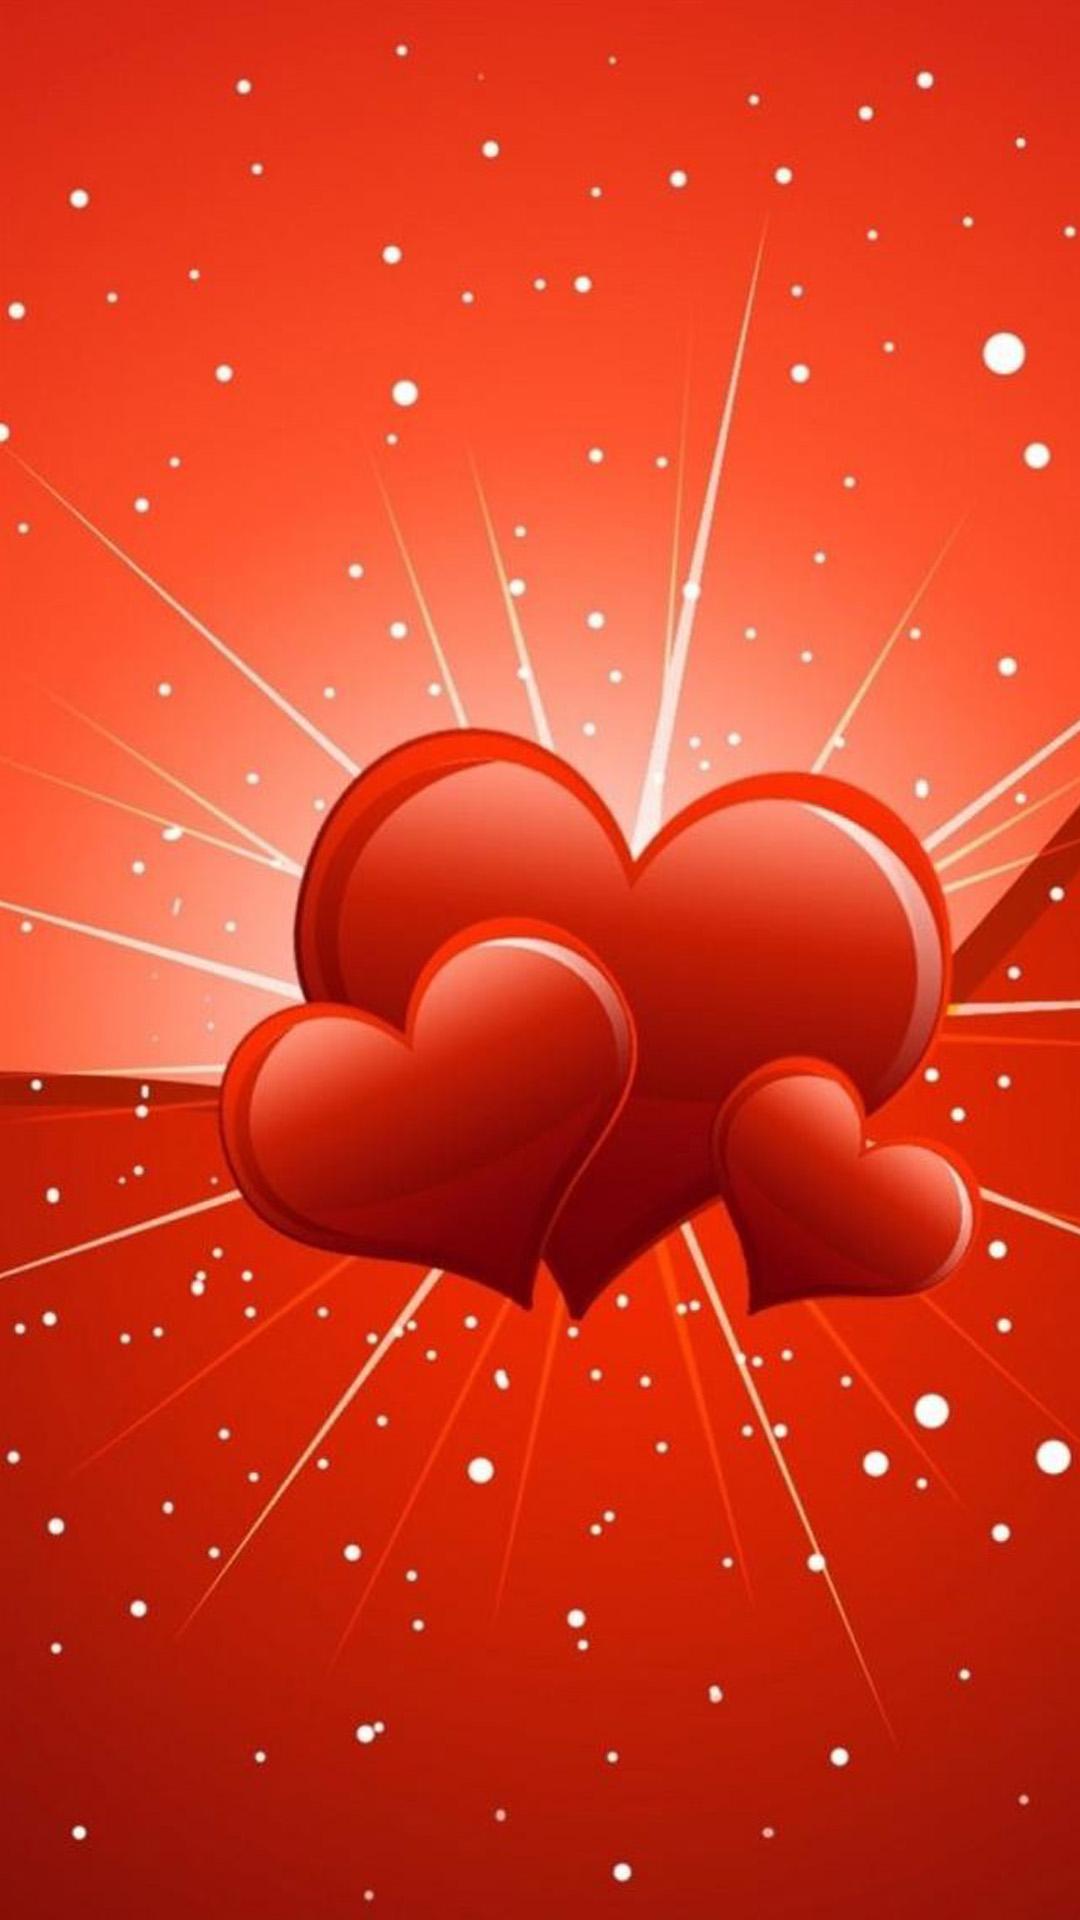 qq空间背景图片竖屏爱情